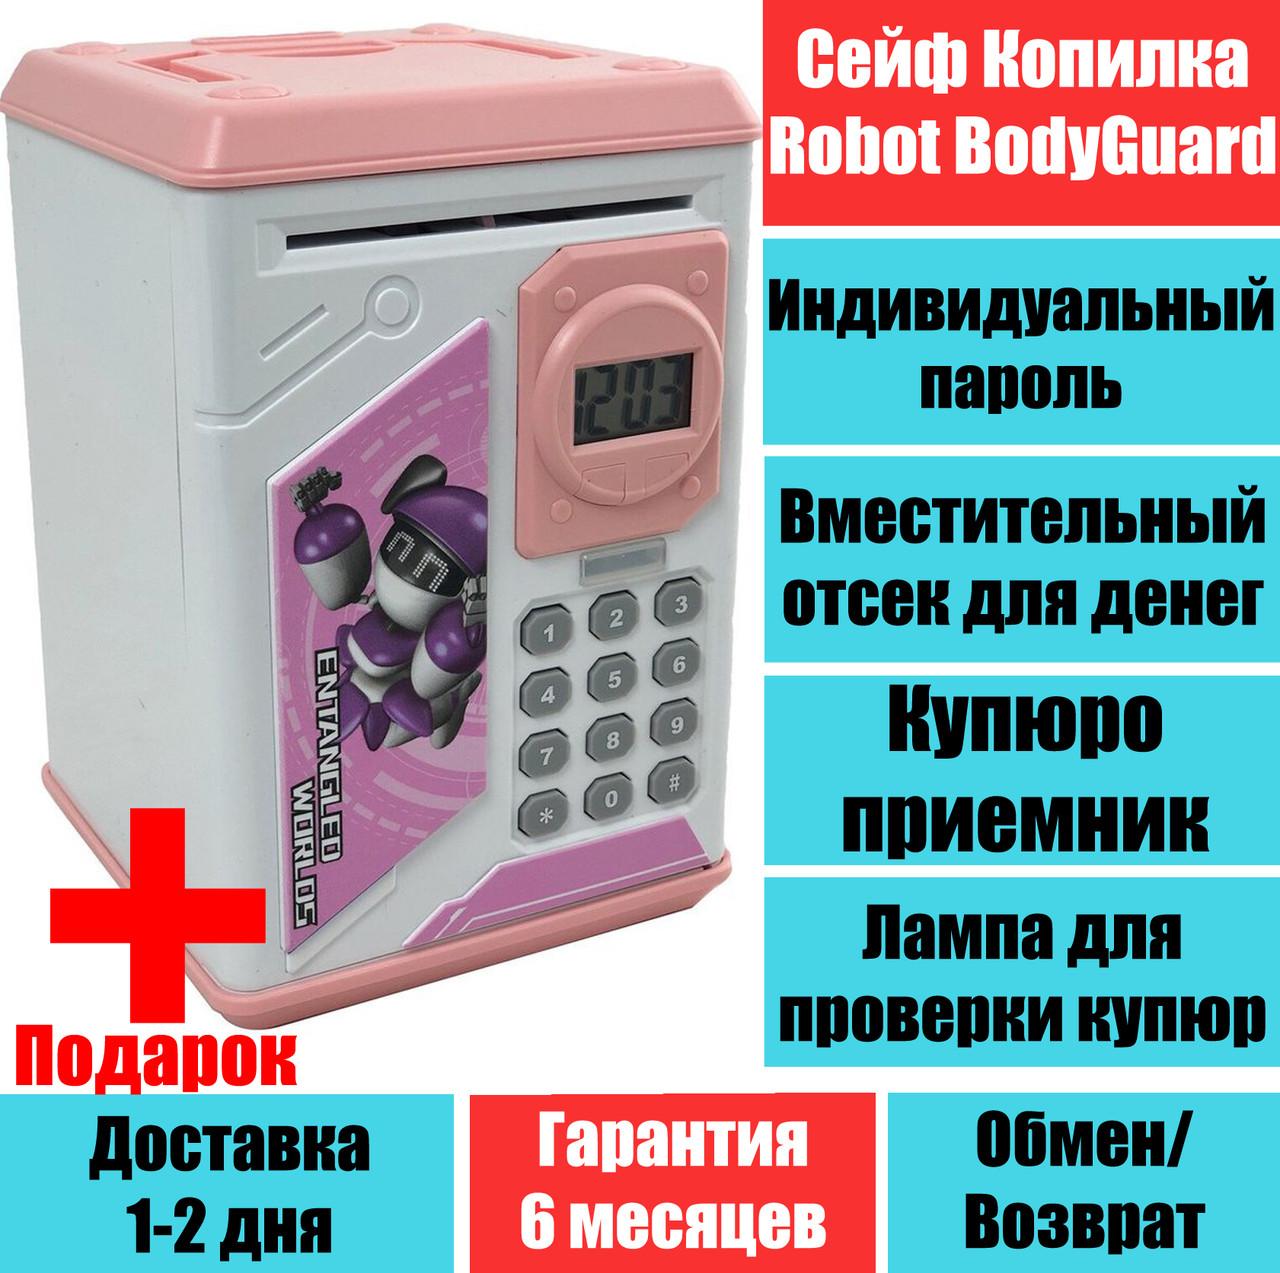 Детская копилка сейф с ультрафиолетовым кодовым замком и часами robot Bodyguard Розовый